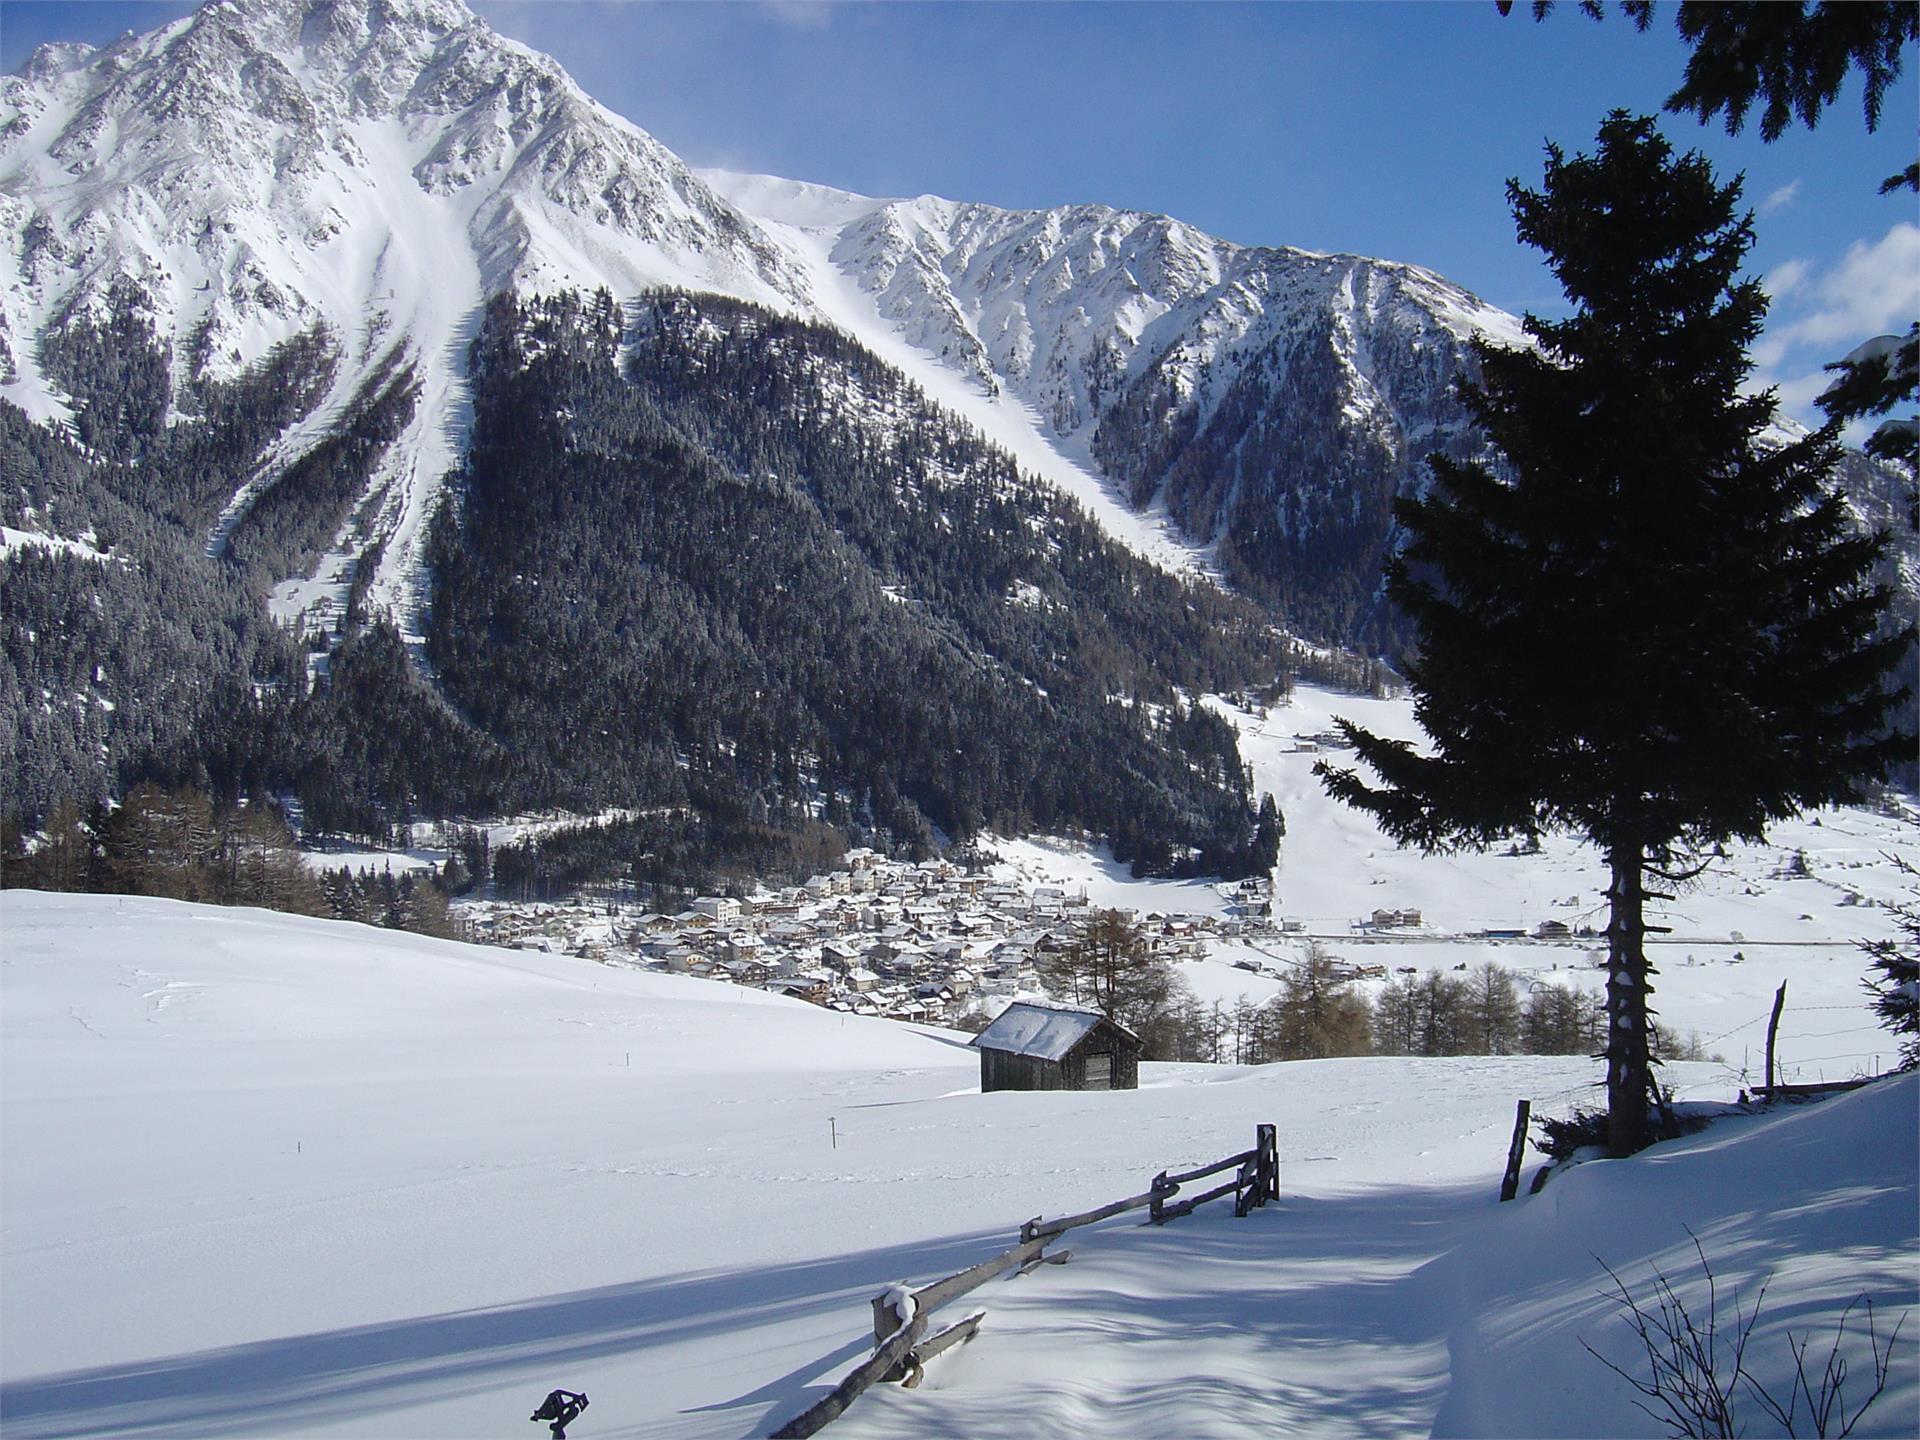 escursione: Resia - Vallierteck - Froj